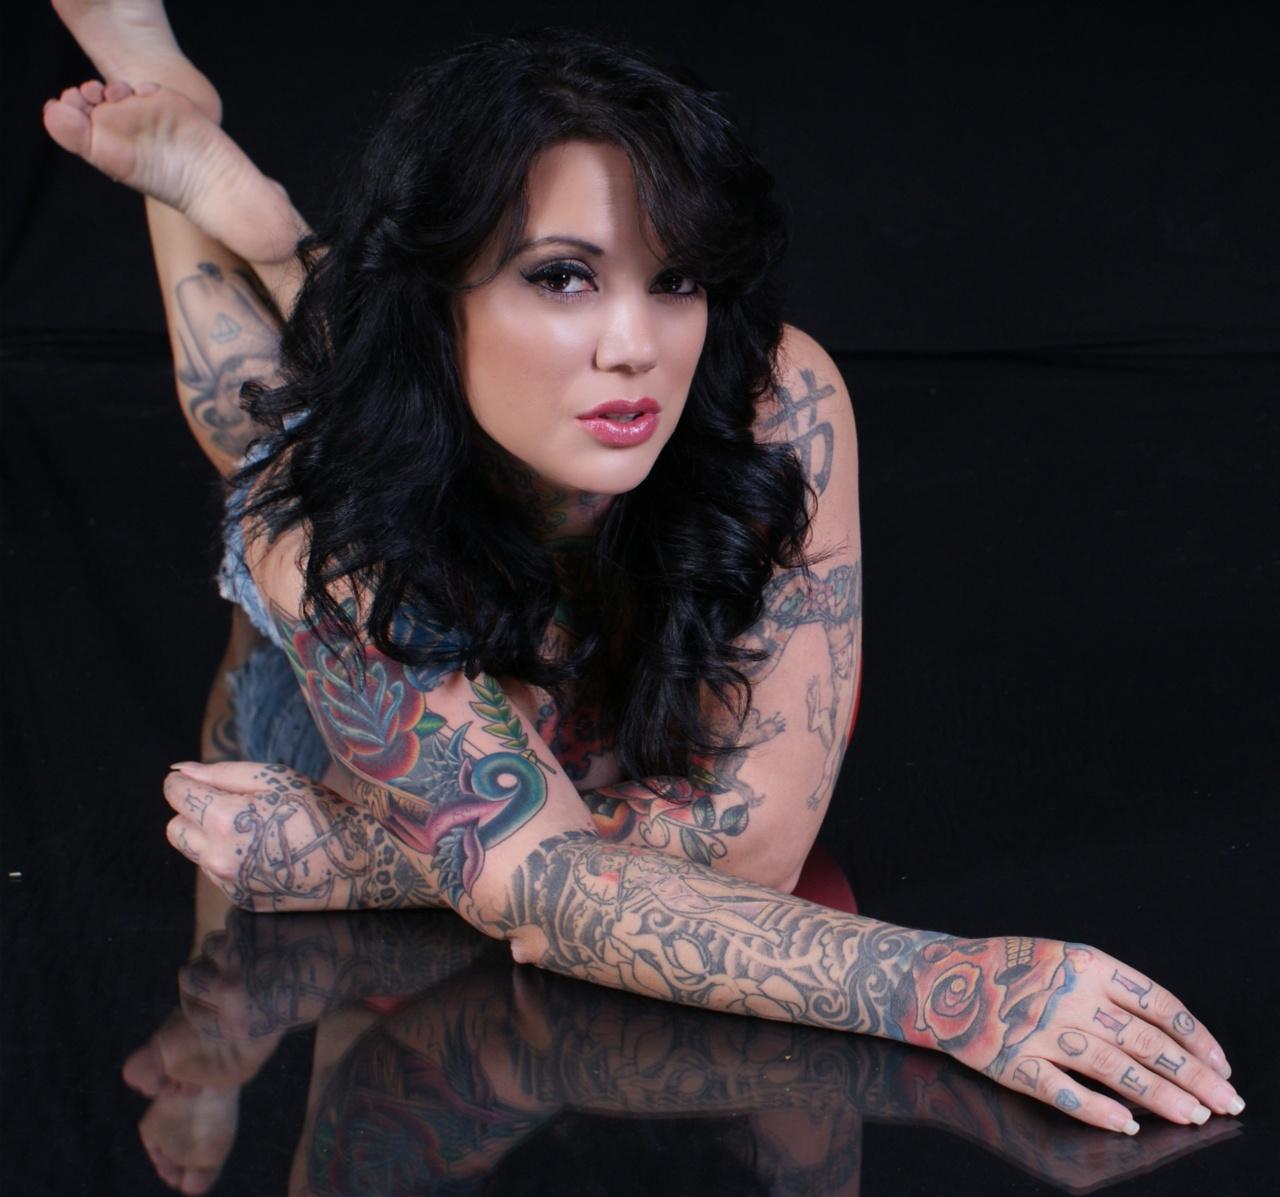 Women Hot Tattoos Hot Women With Tattoos